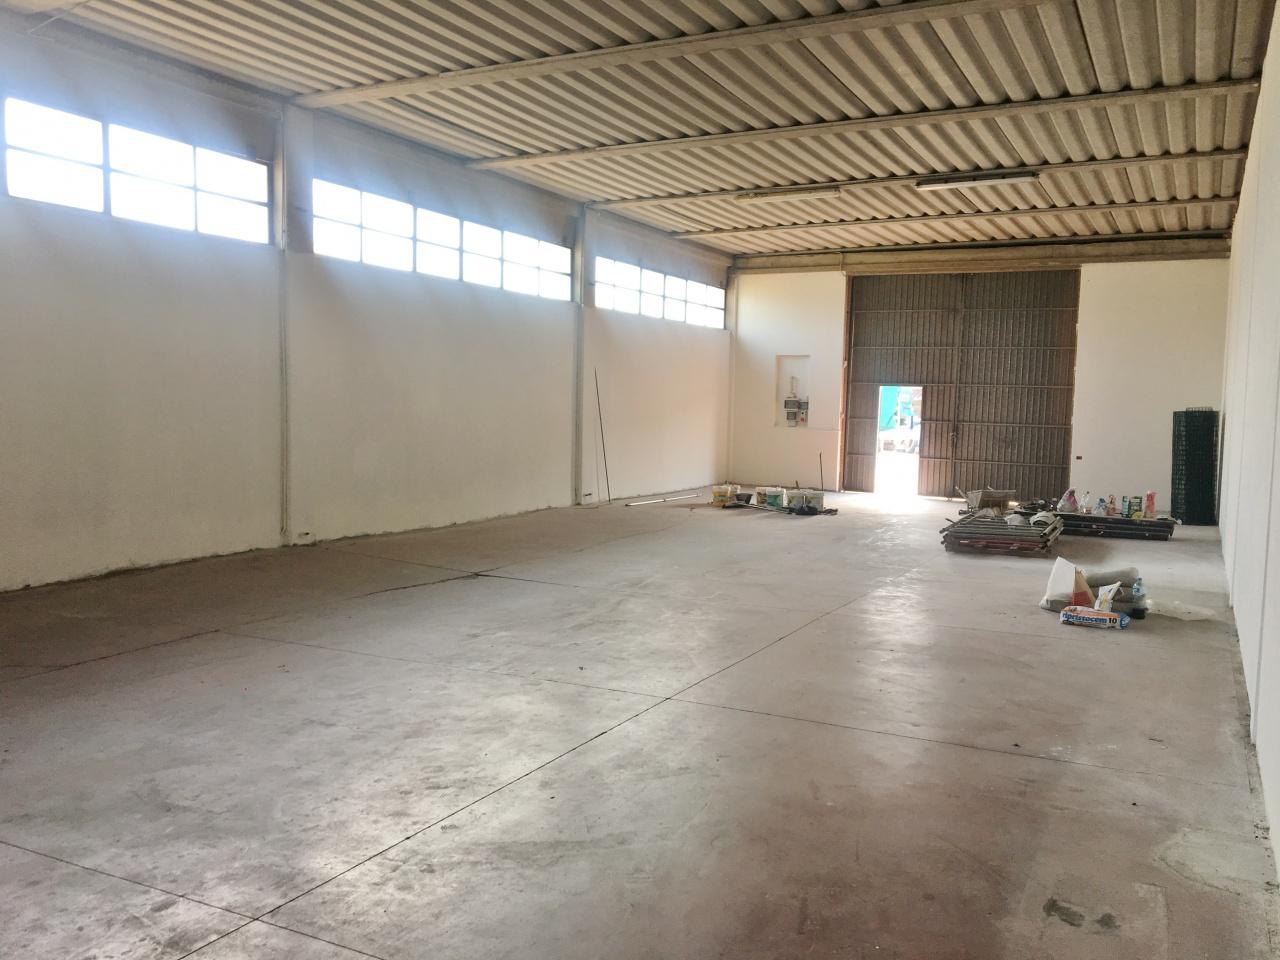 affitto capannone camaiore   1300 euro  2 locali  250 mq